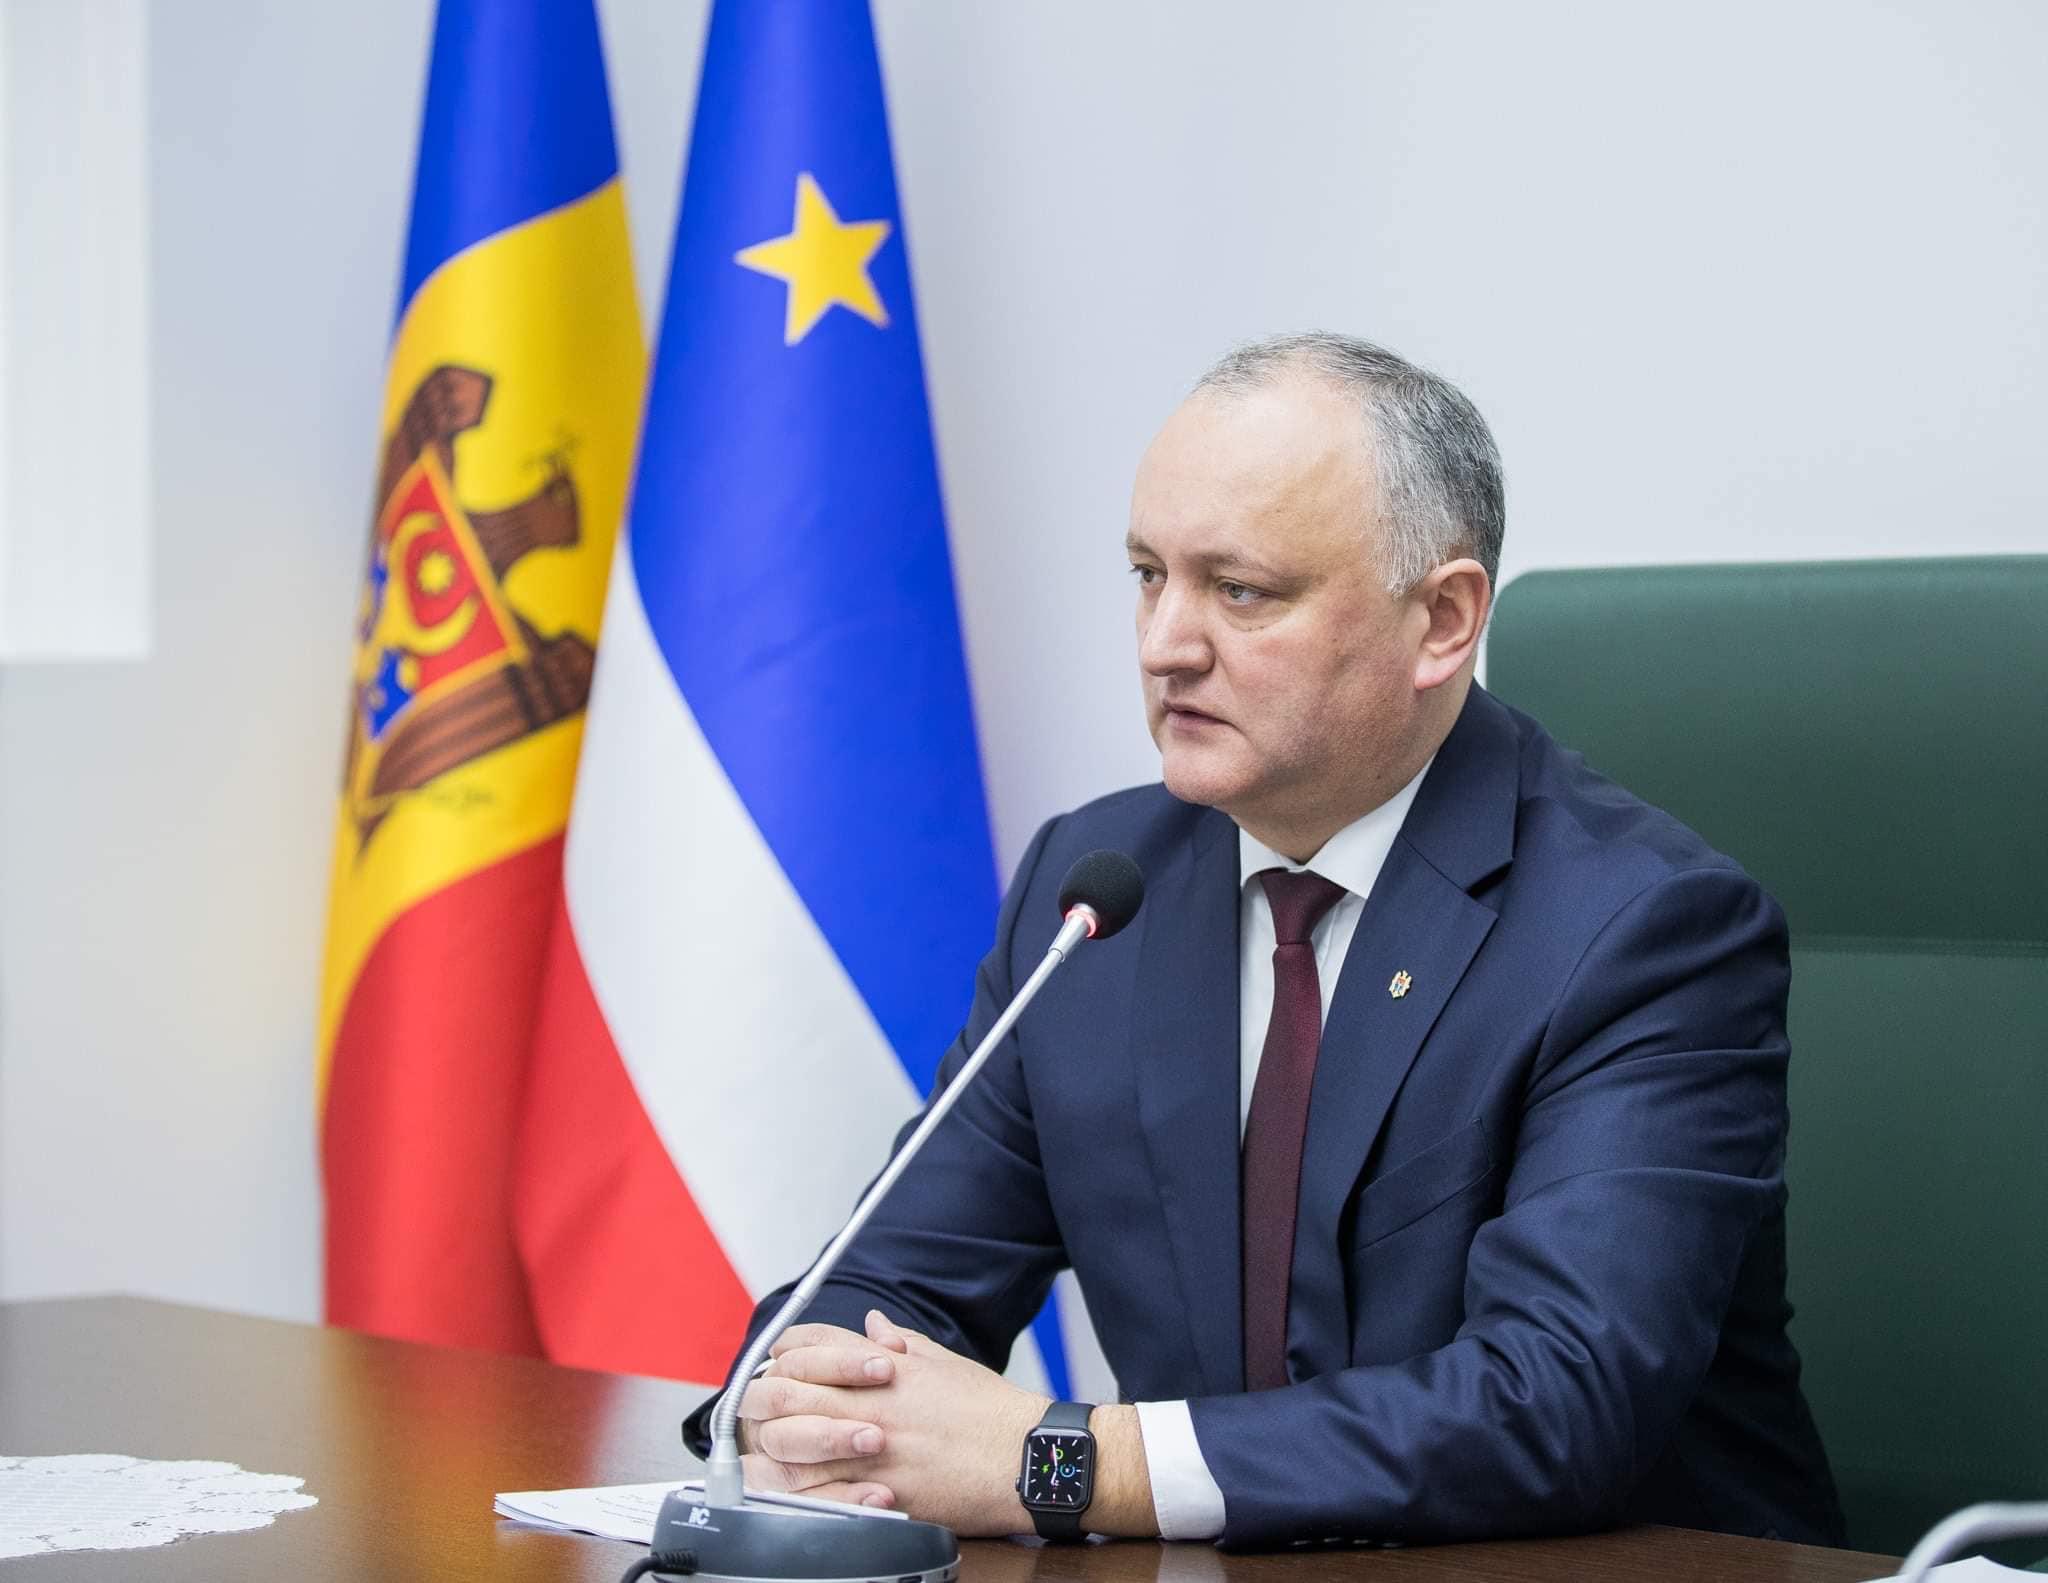 Додон: В Кишиневе будут и далее учитывать интересы и потребности жителей Гагаузии (ФОТО, ВИДЕО)